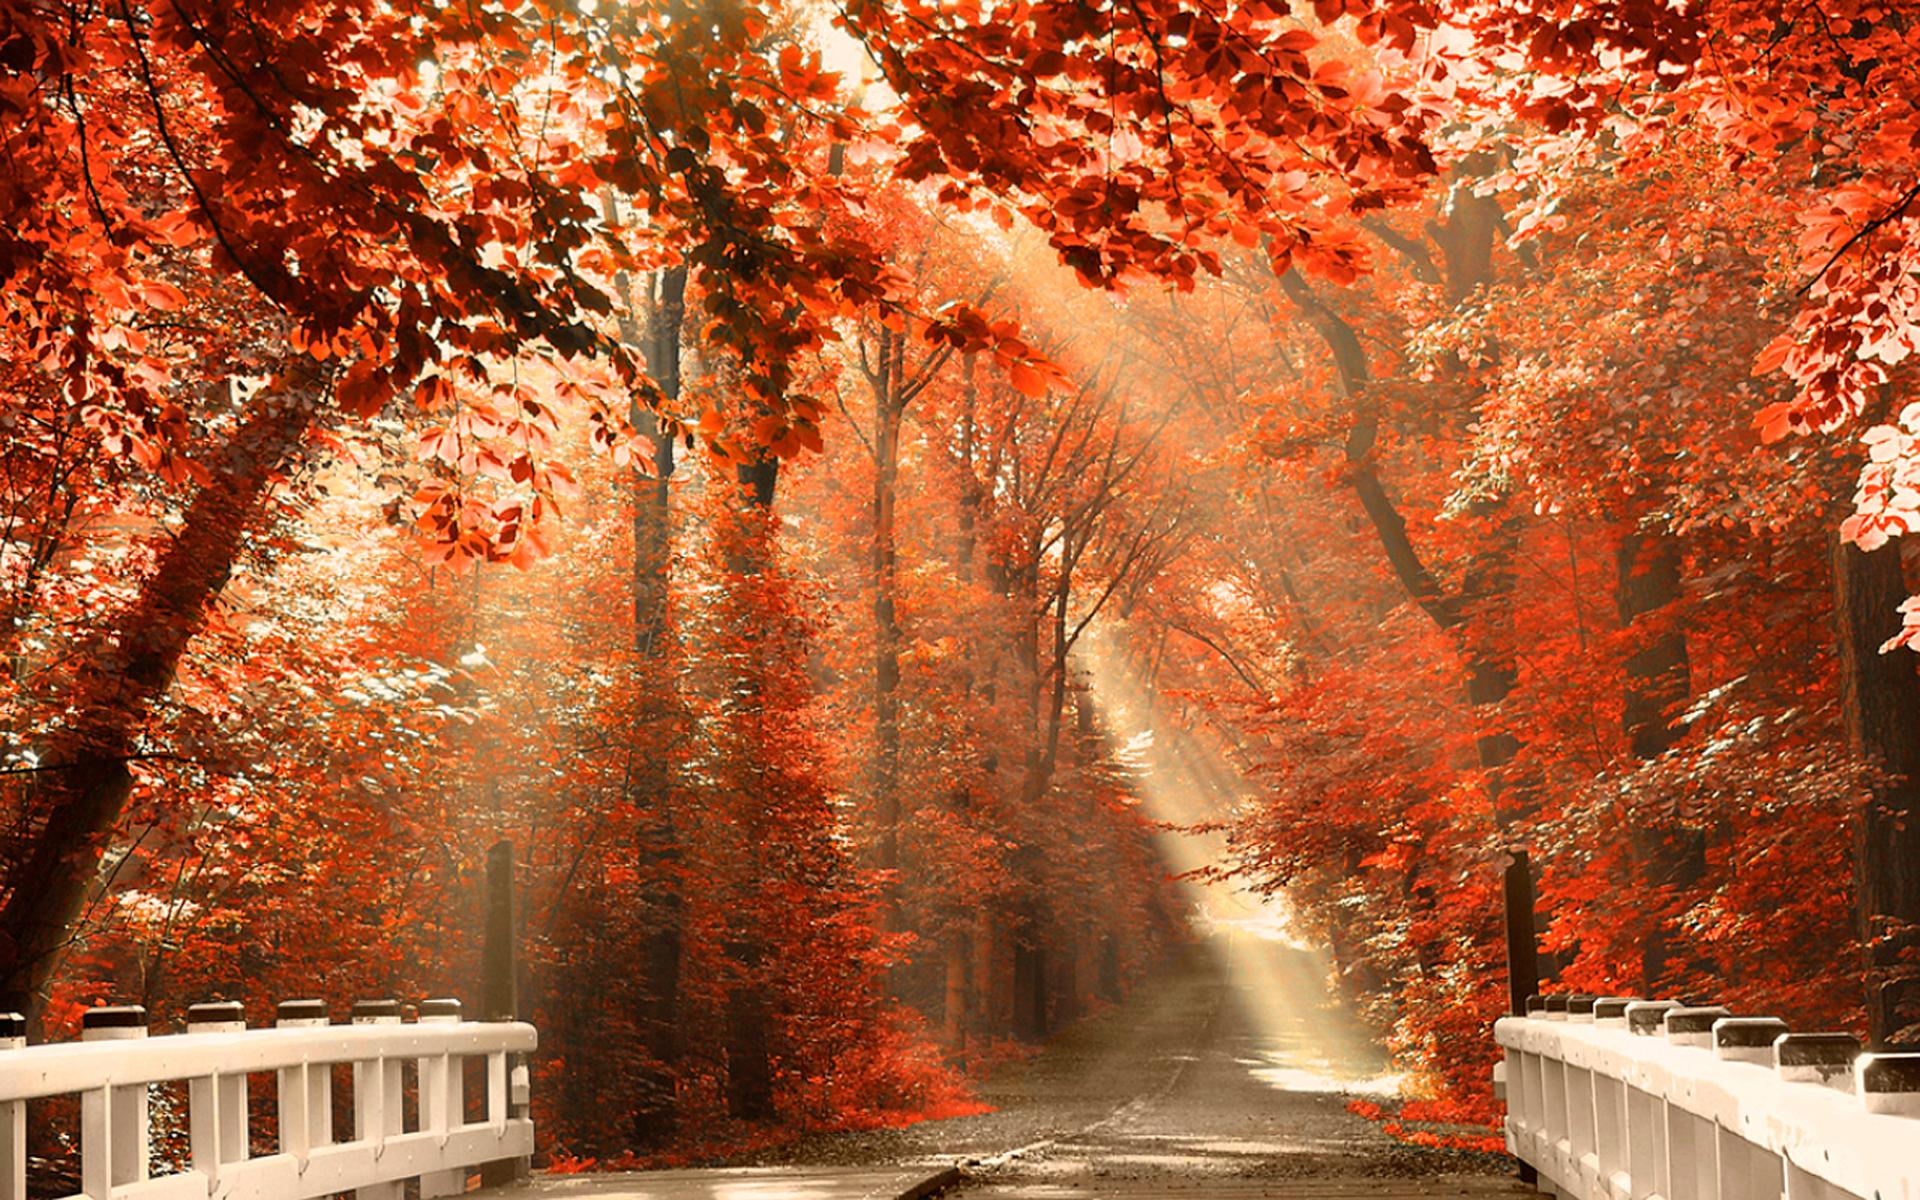 free fall autumn leaves wallpaper for desktop